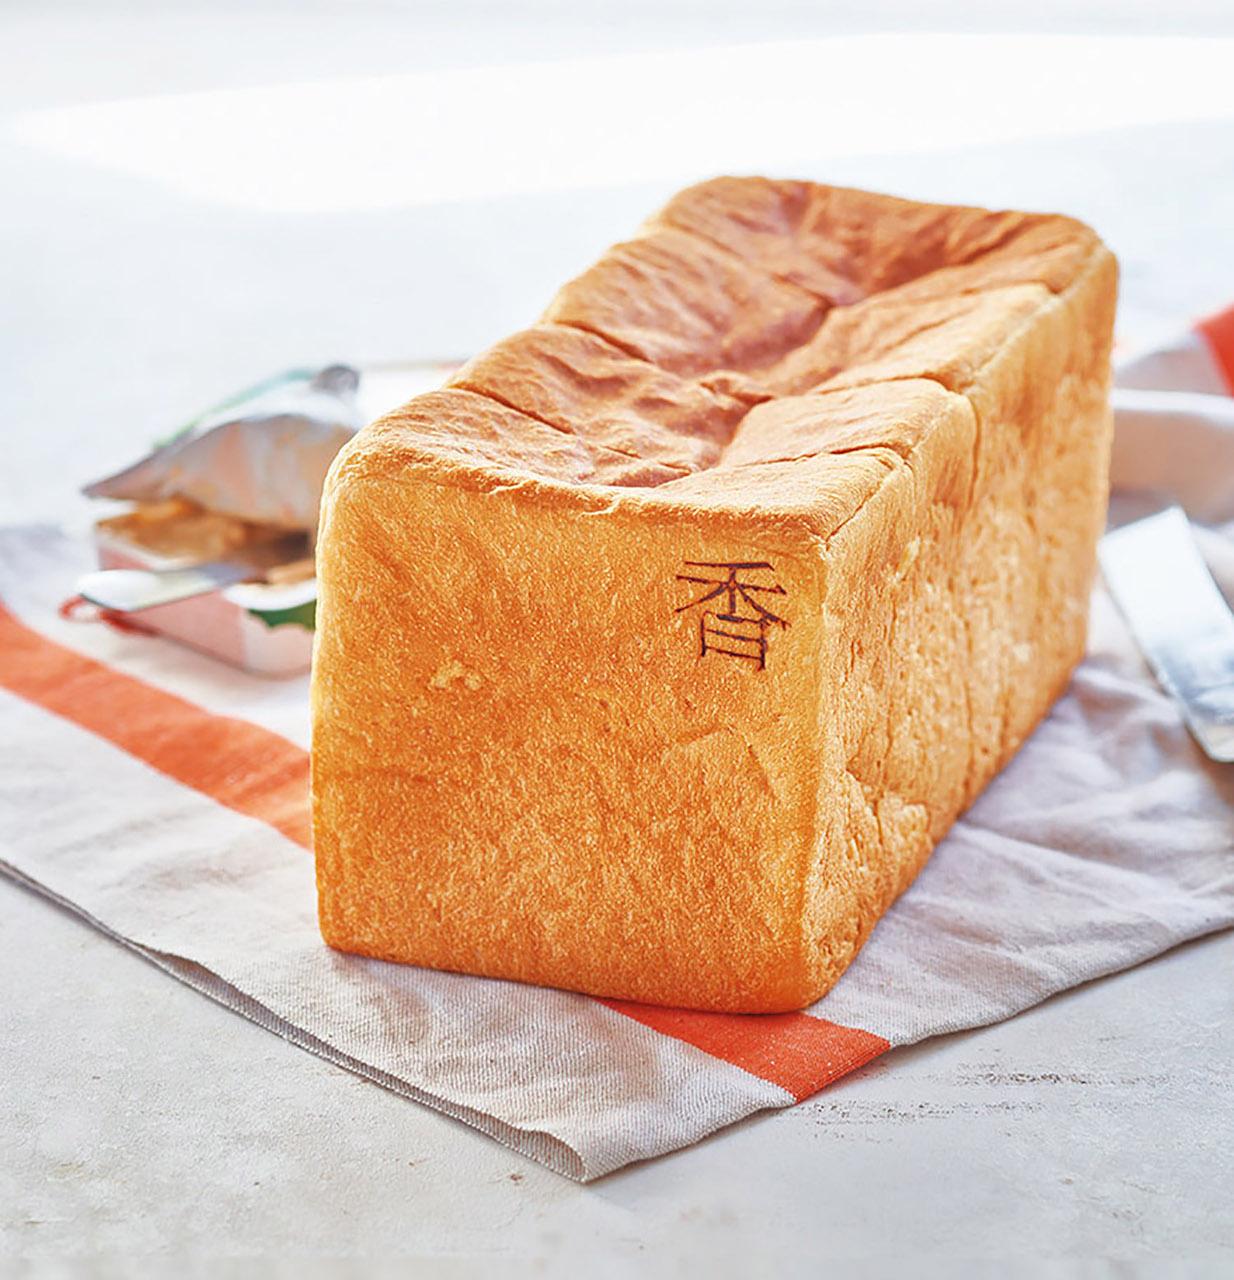 俺のBakery&Cafe/銀座の食パン~香~